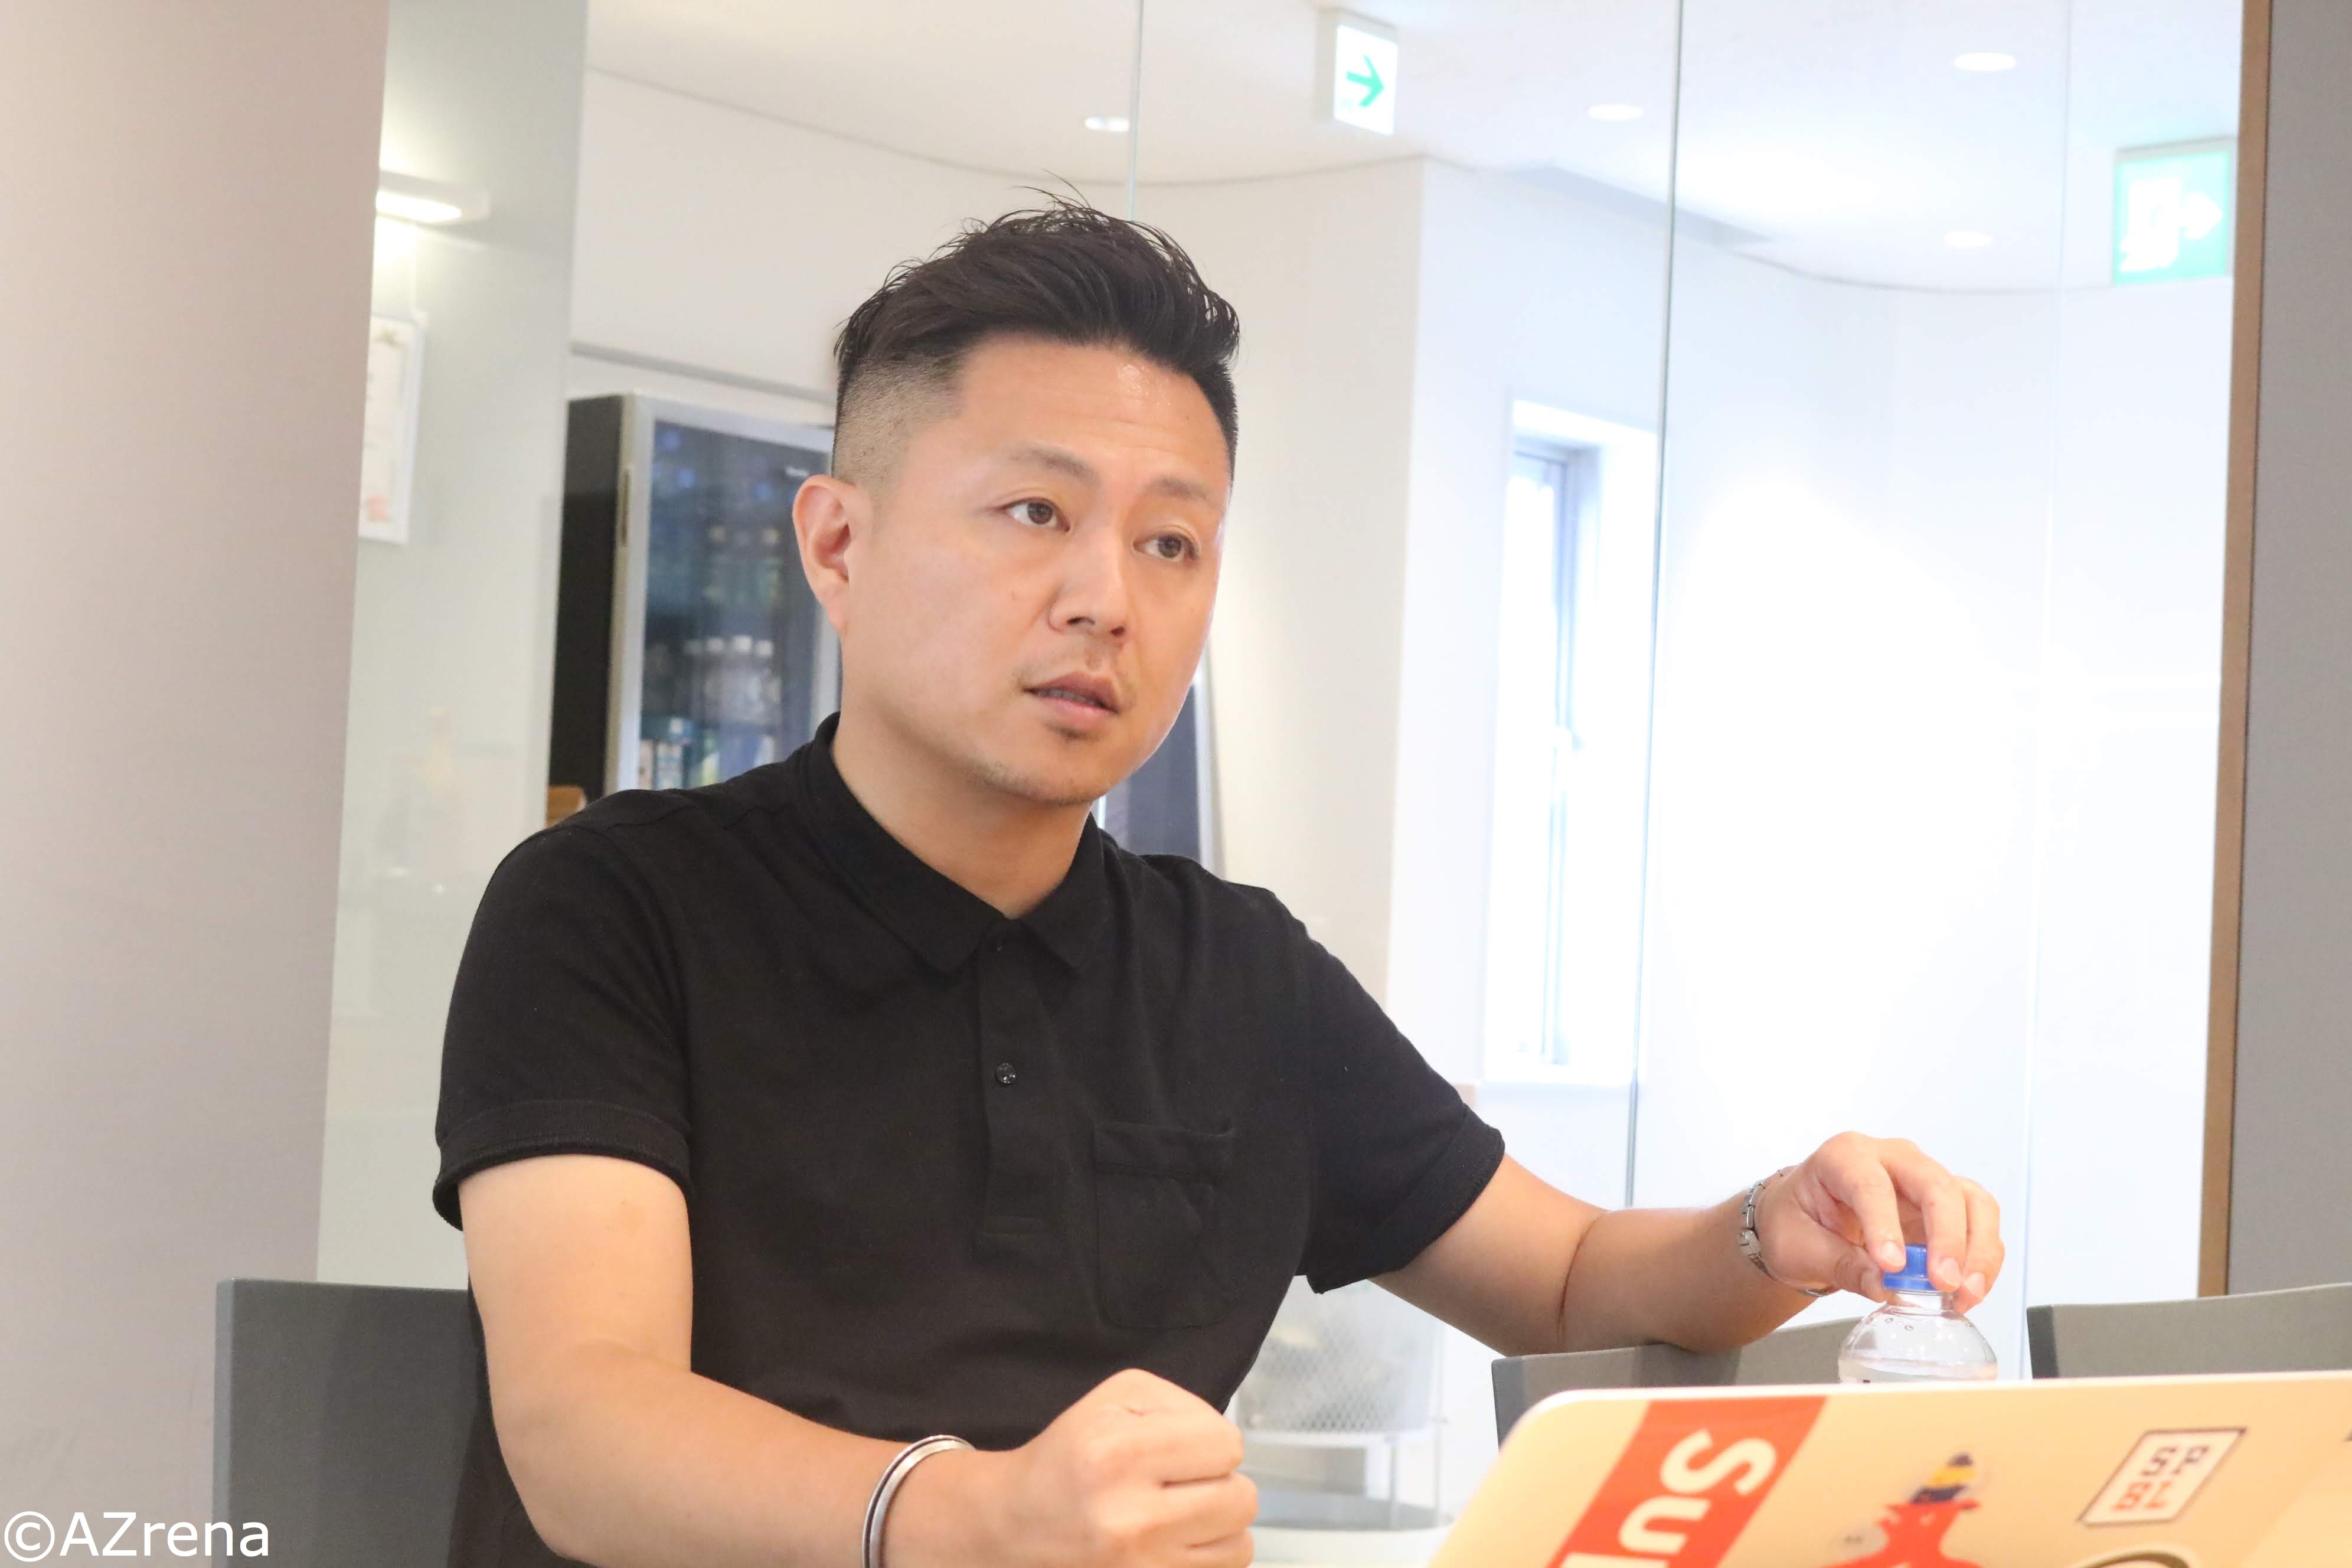 黒飛功二朗氏